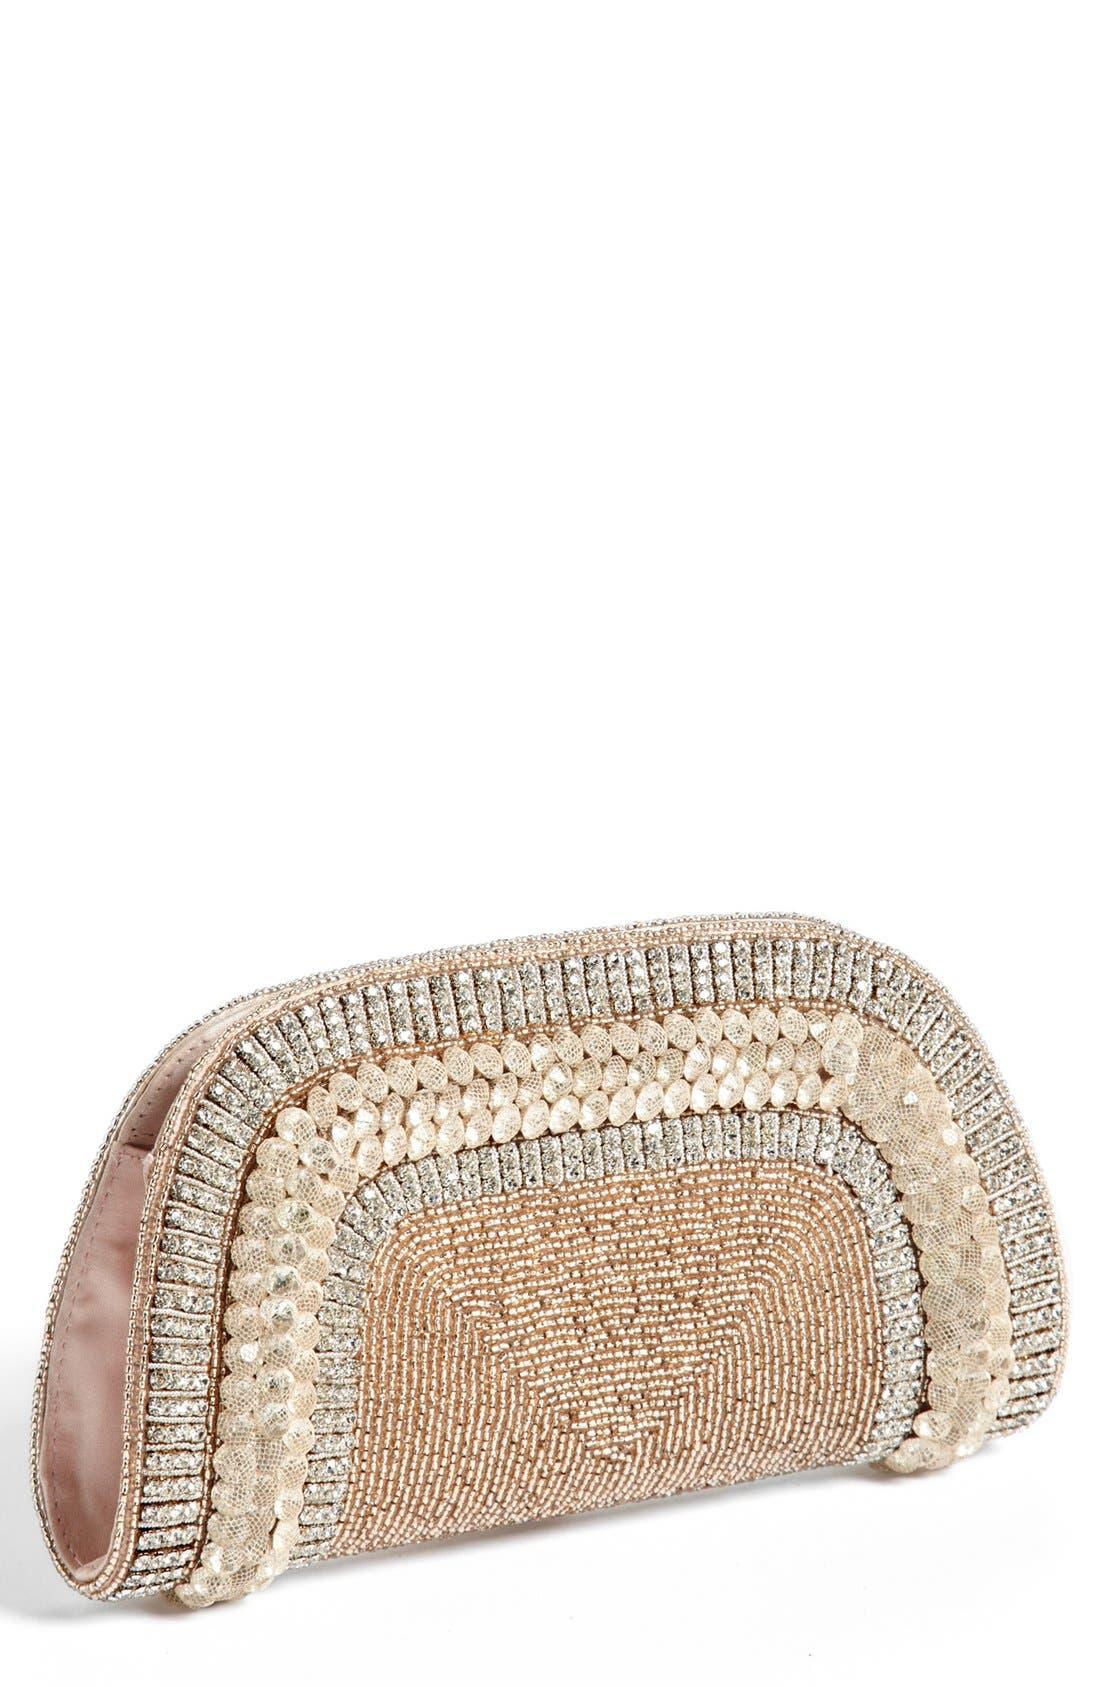 Main Image - Micky London Handbags Embellished Fan Clutch